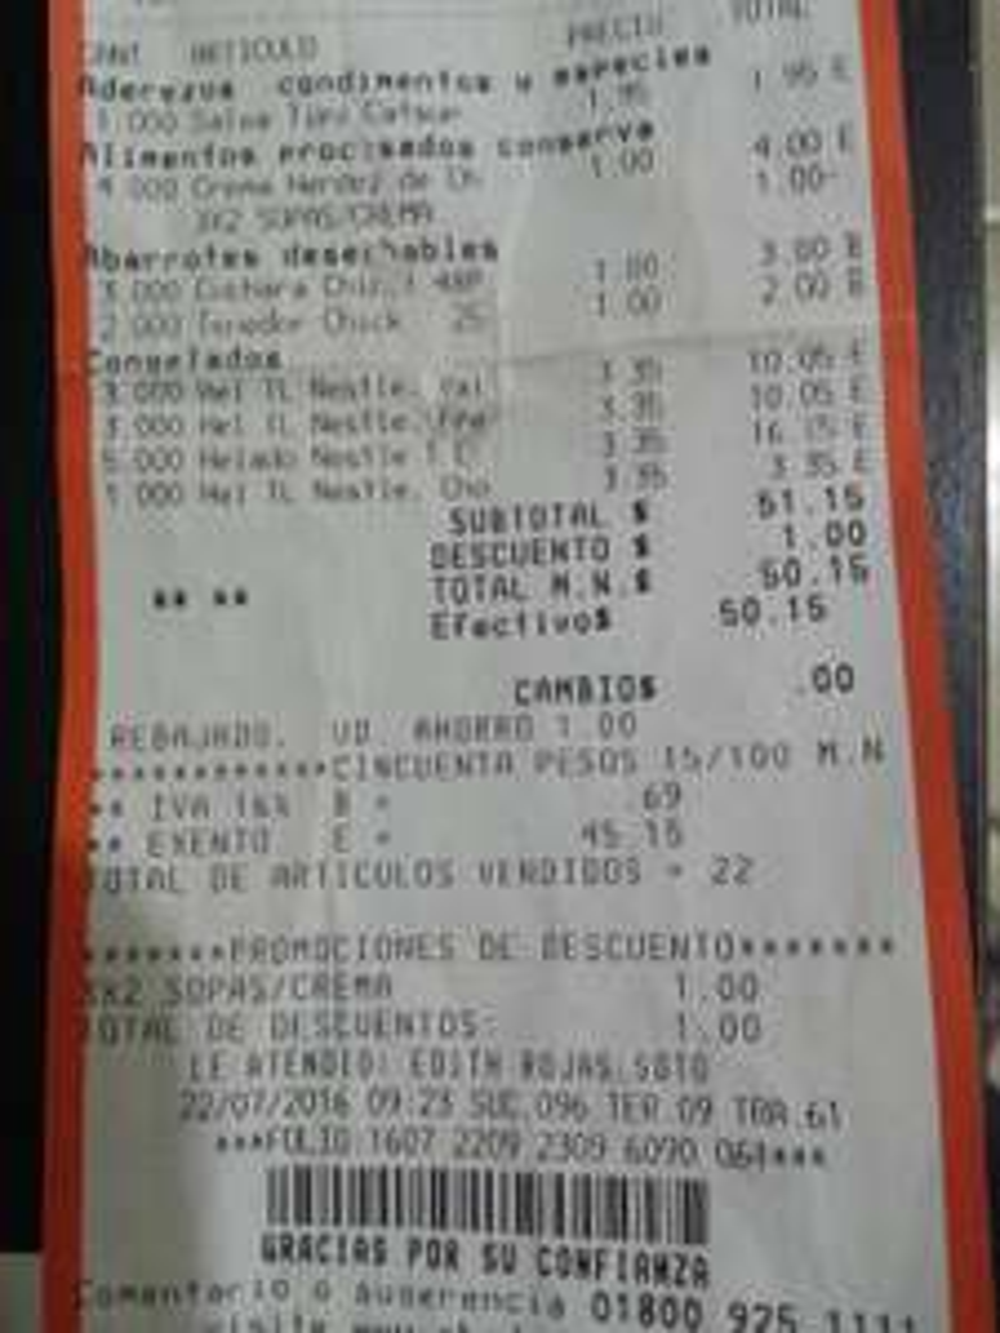 Chedraui: Helados Nestle de 1 litro a $3.35 y más